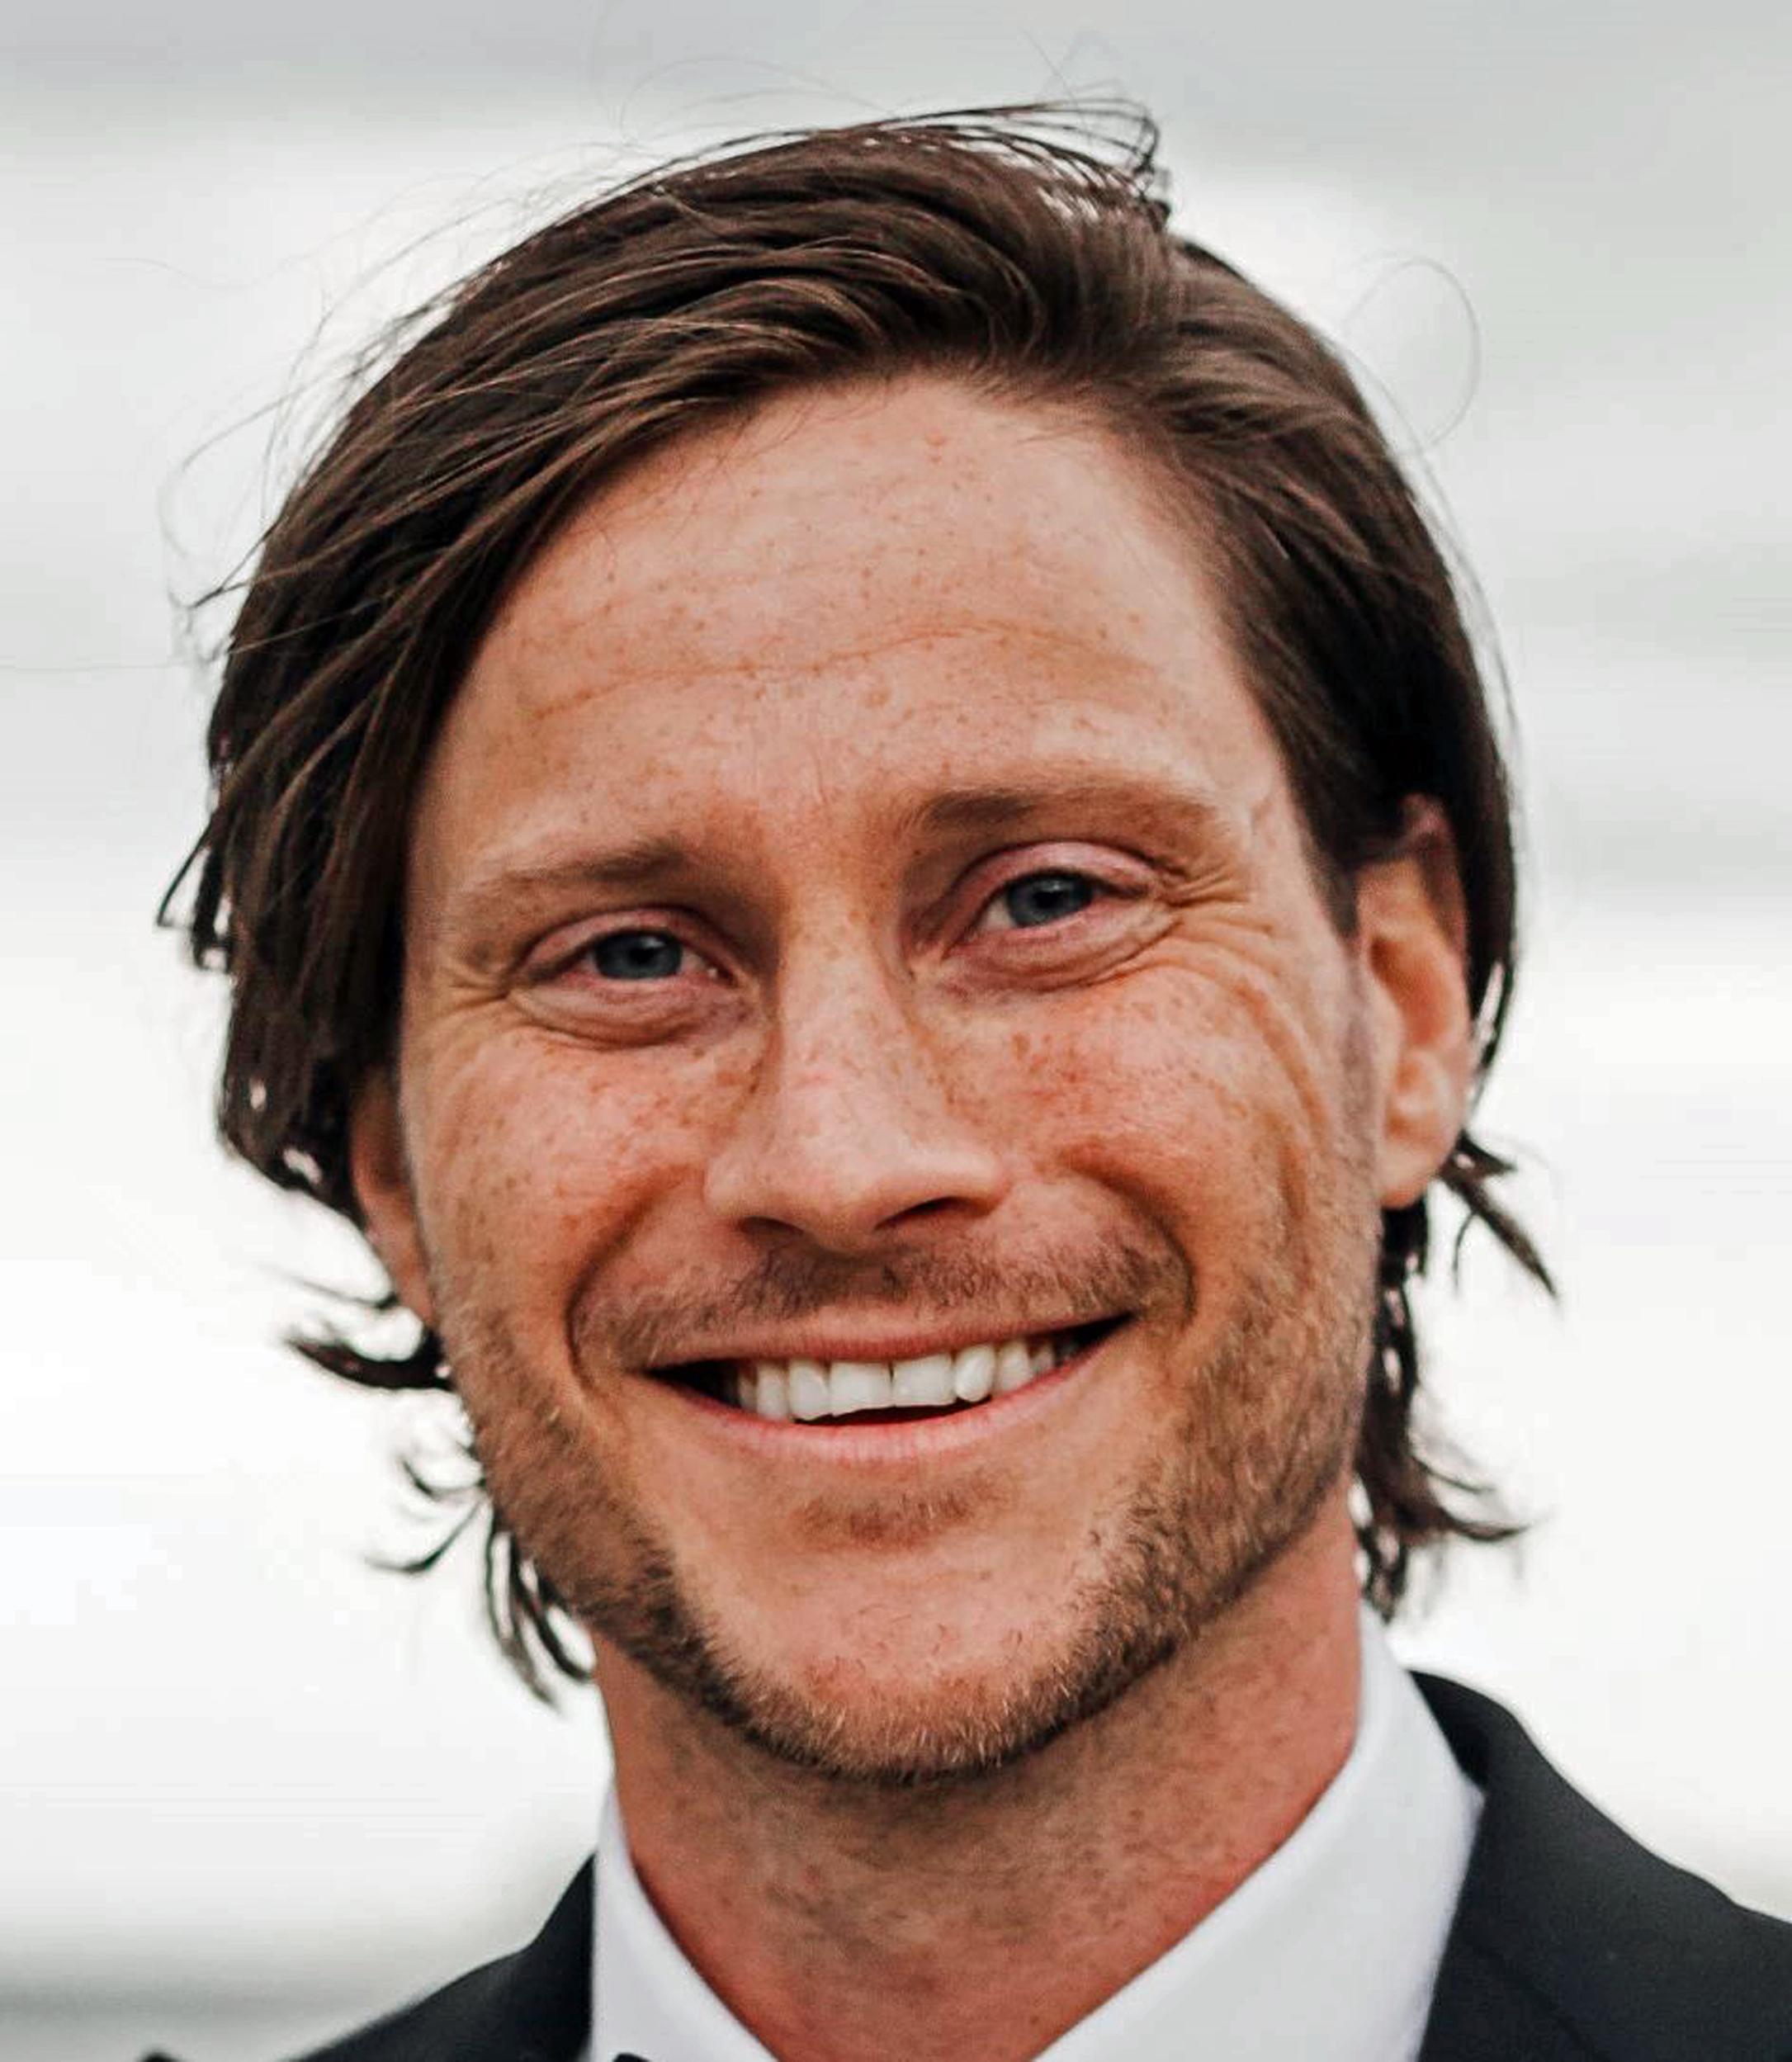 Øyvind Meinich-Bache er førsteamanuensis ll ved Universitetet i Stavanger og har vært med å utvikle appen TCPR-link. Foto: Privat